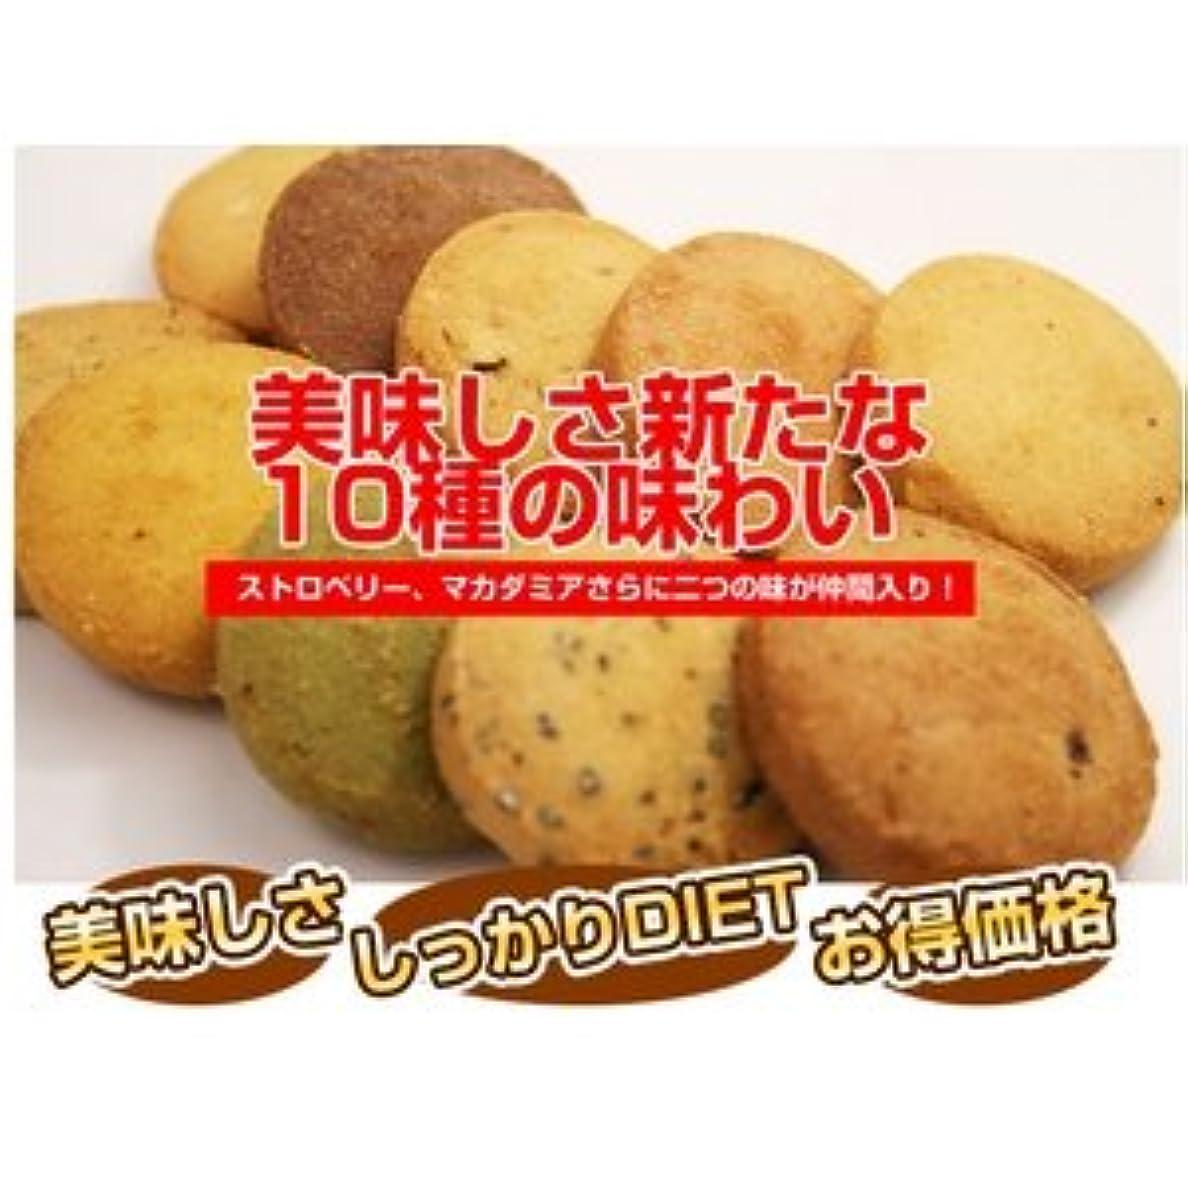 ファンドオーブンジャングル10種の豆乳おからクッキー 1kg(500g×2)